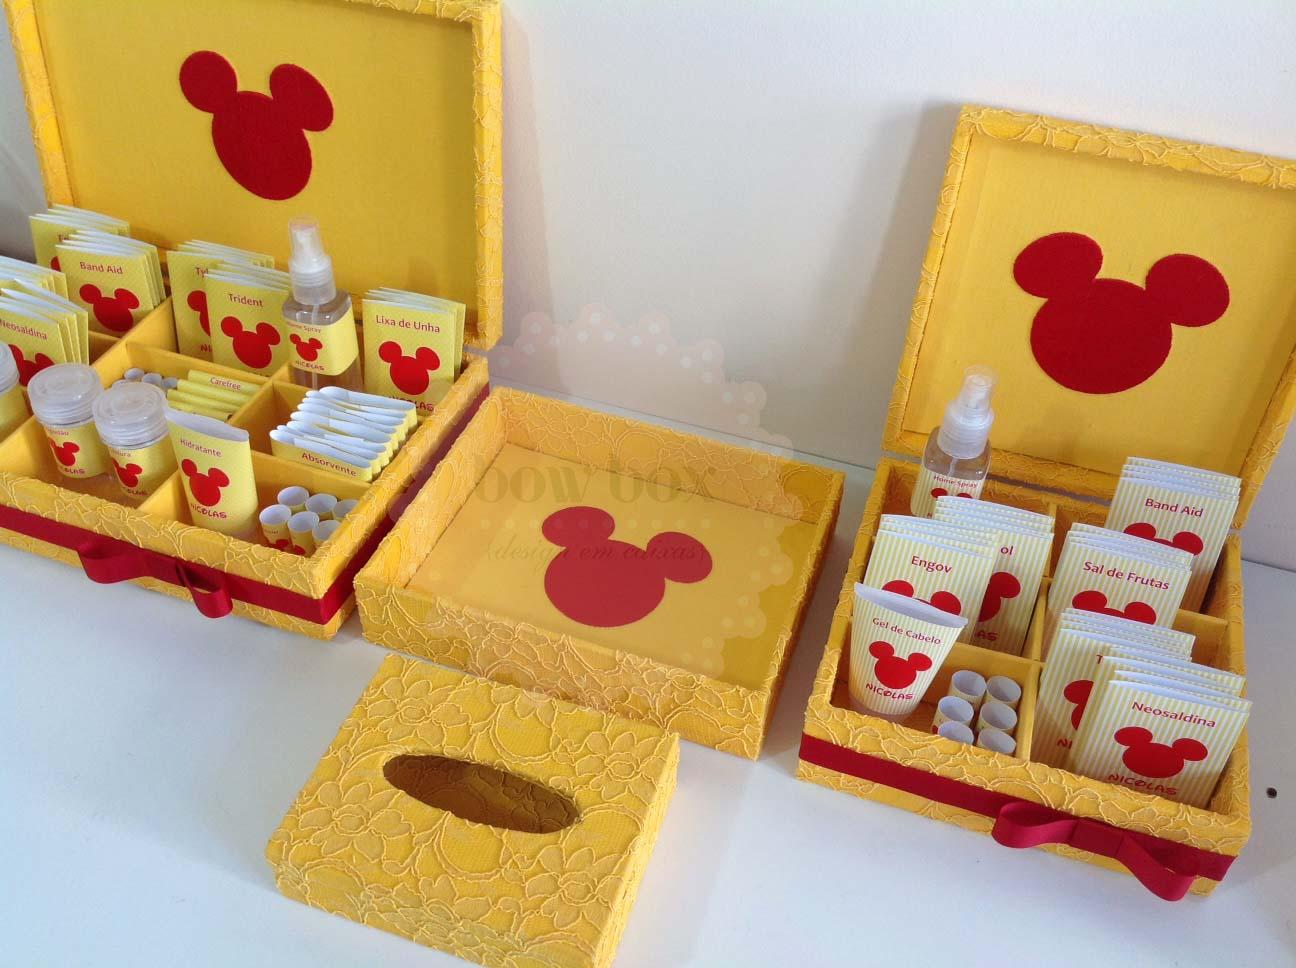 Imagens de #891E18 Kit Higiene Bebe Verde Kit Higiene Bebe Hd Walls Find Wallpapers  1296x968 px 2854 Box Banheiro Kit